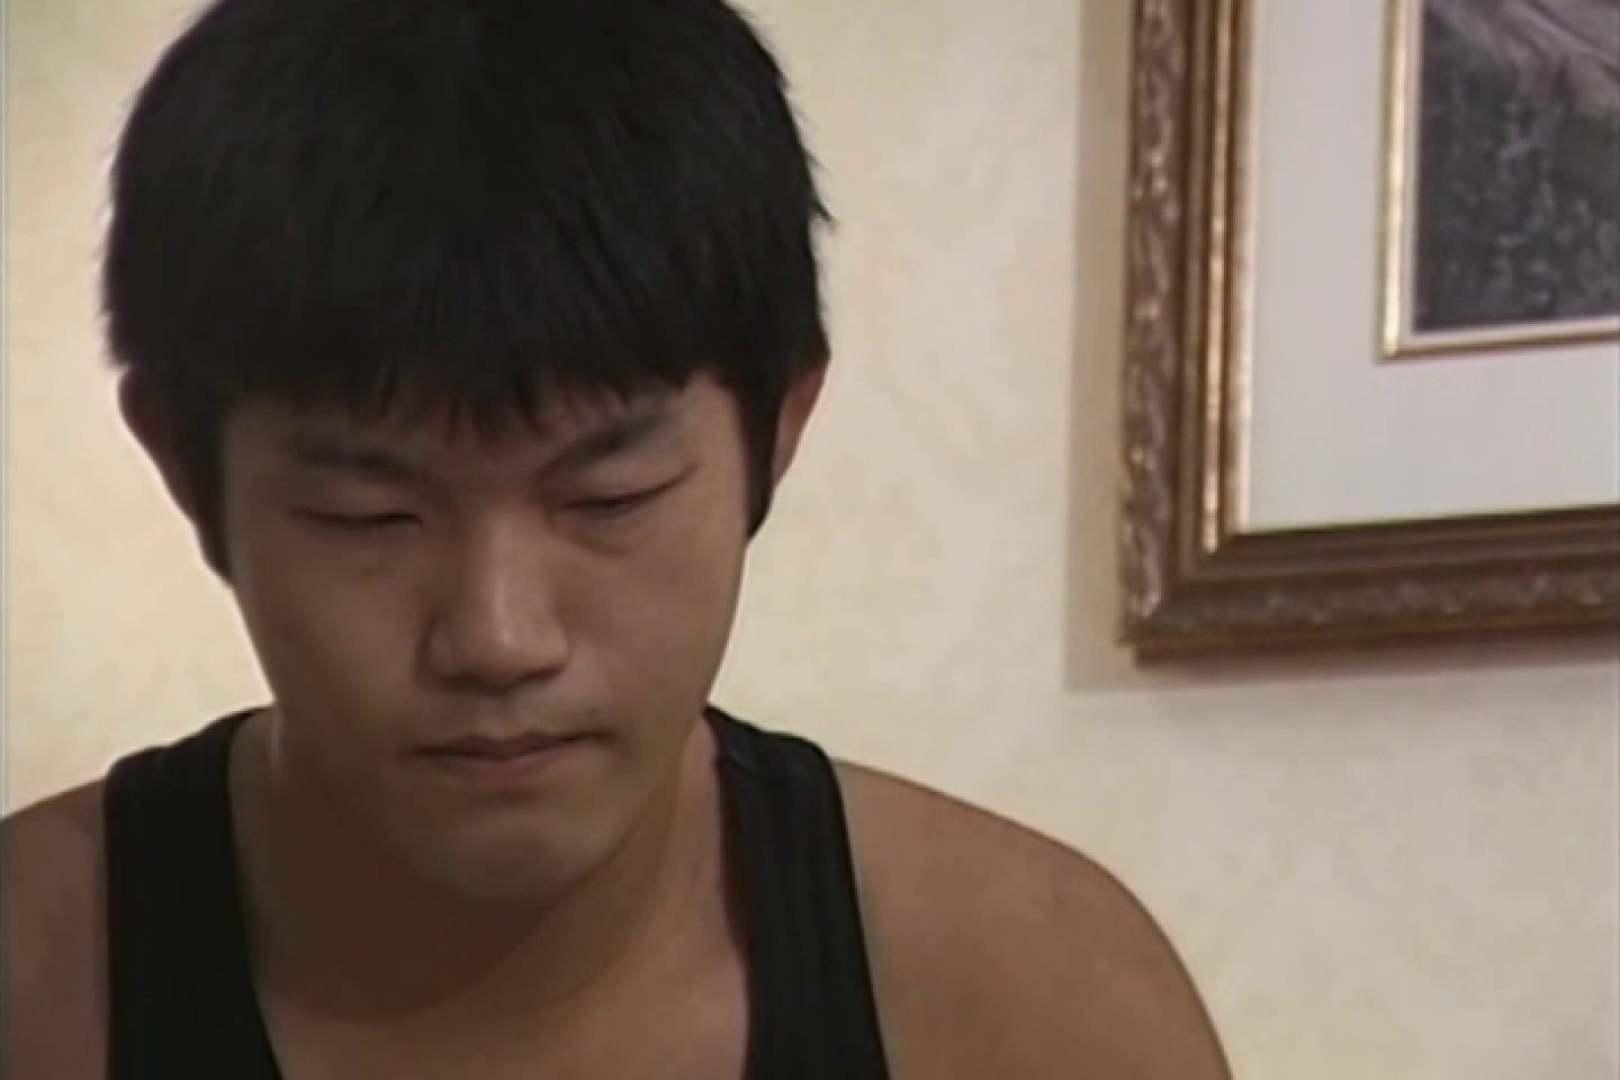 スポメン競パン部、真っ盛り!!Vol.01 アナル舐め ゲイ無修正ビデオ画像 81pic 26